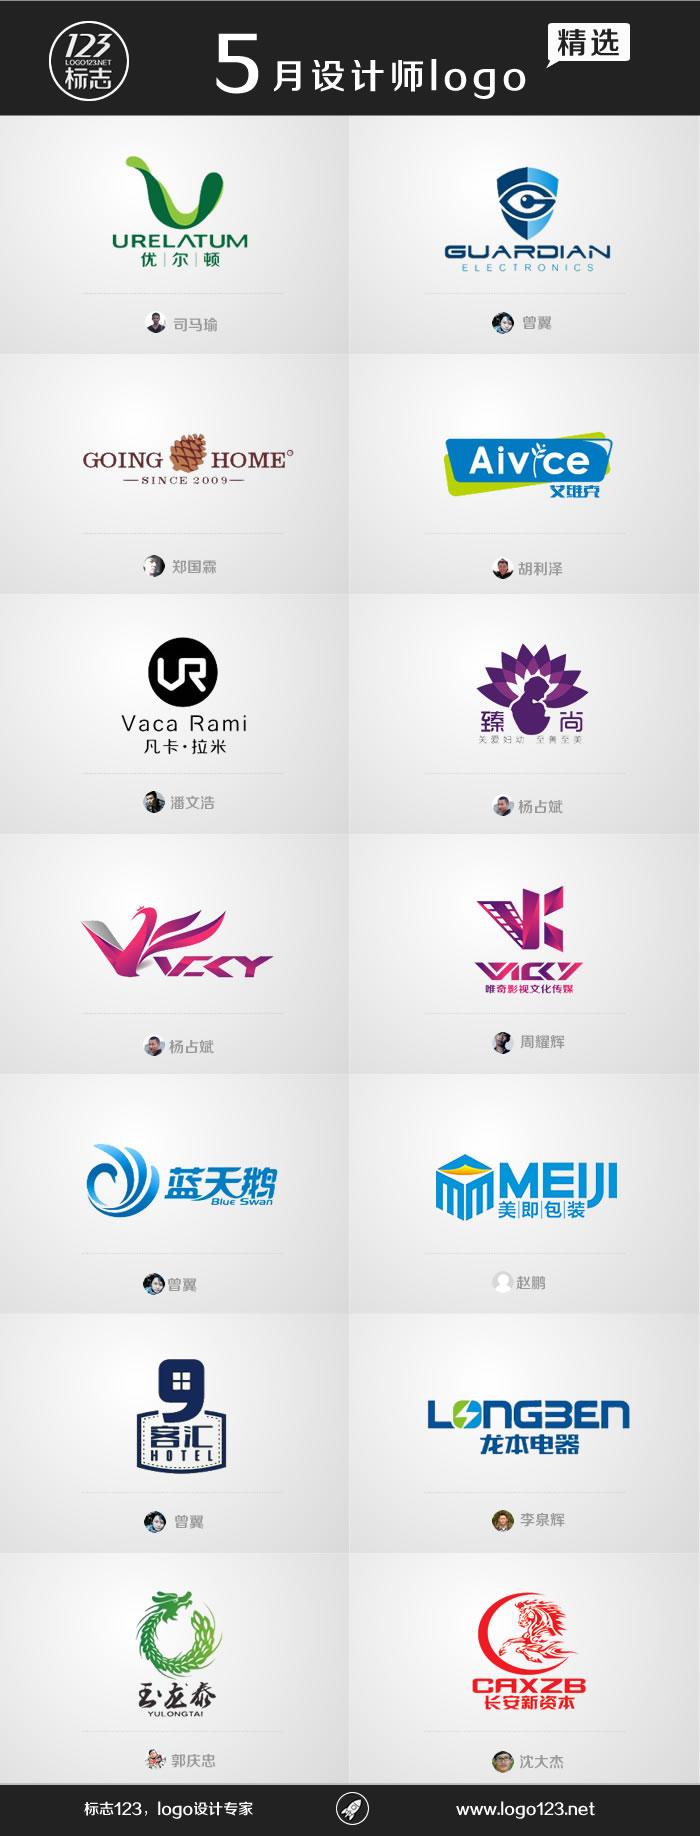 标志123-5月原创logo设计精选